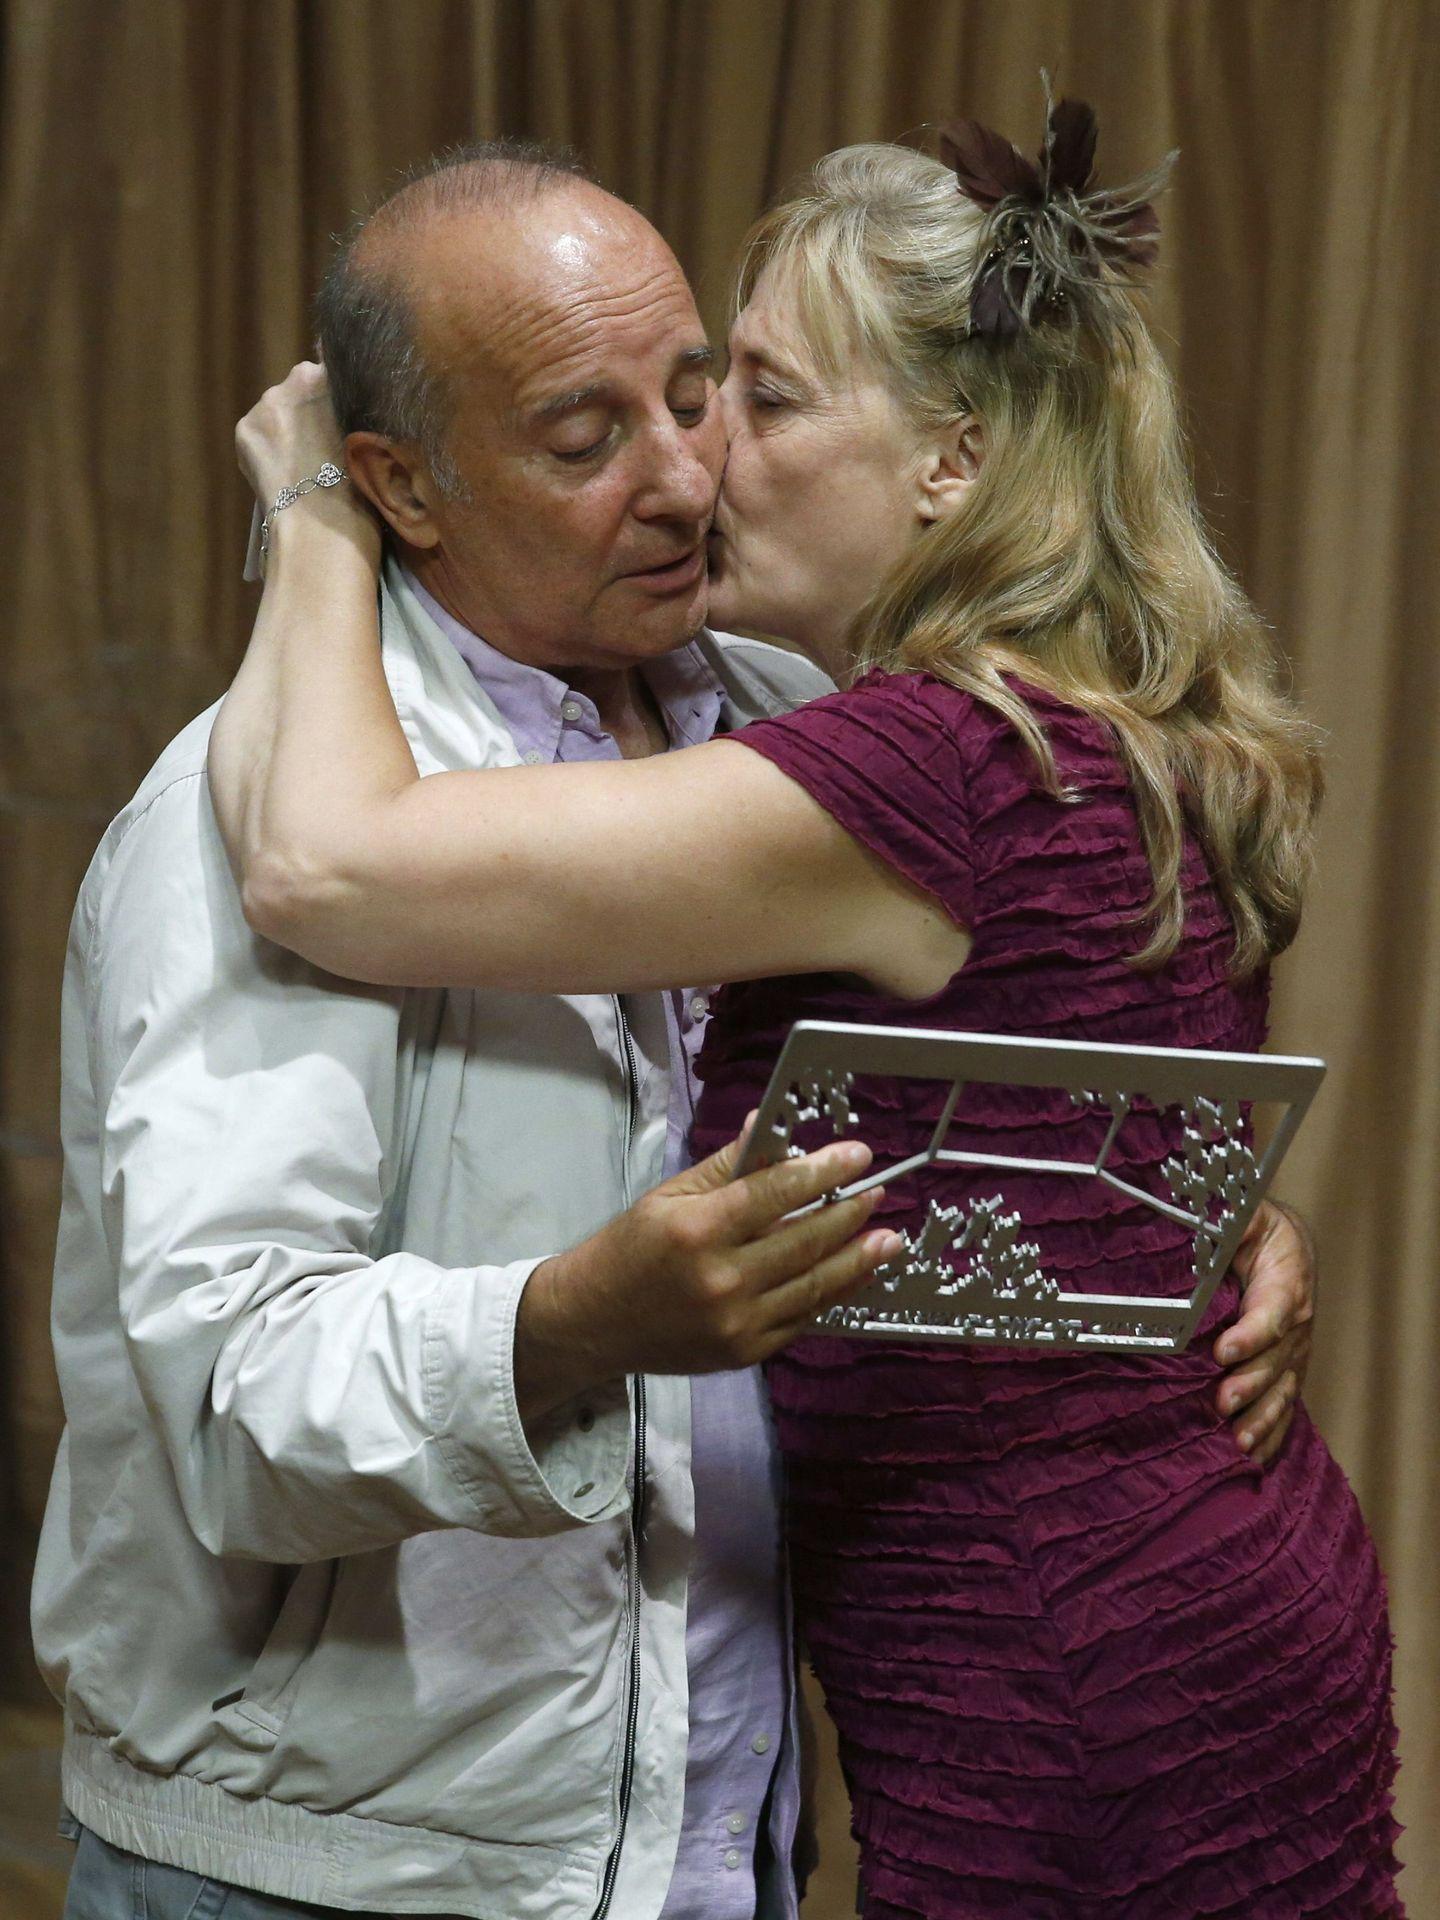 Fermín Cabal y Paloma Pedredo en unos premios en 2013 (Efe)